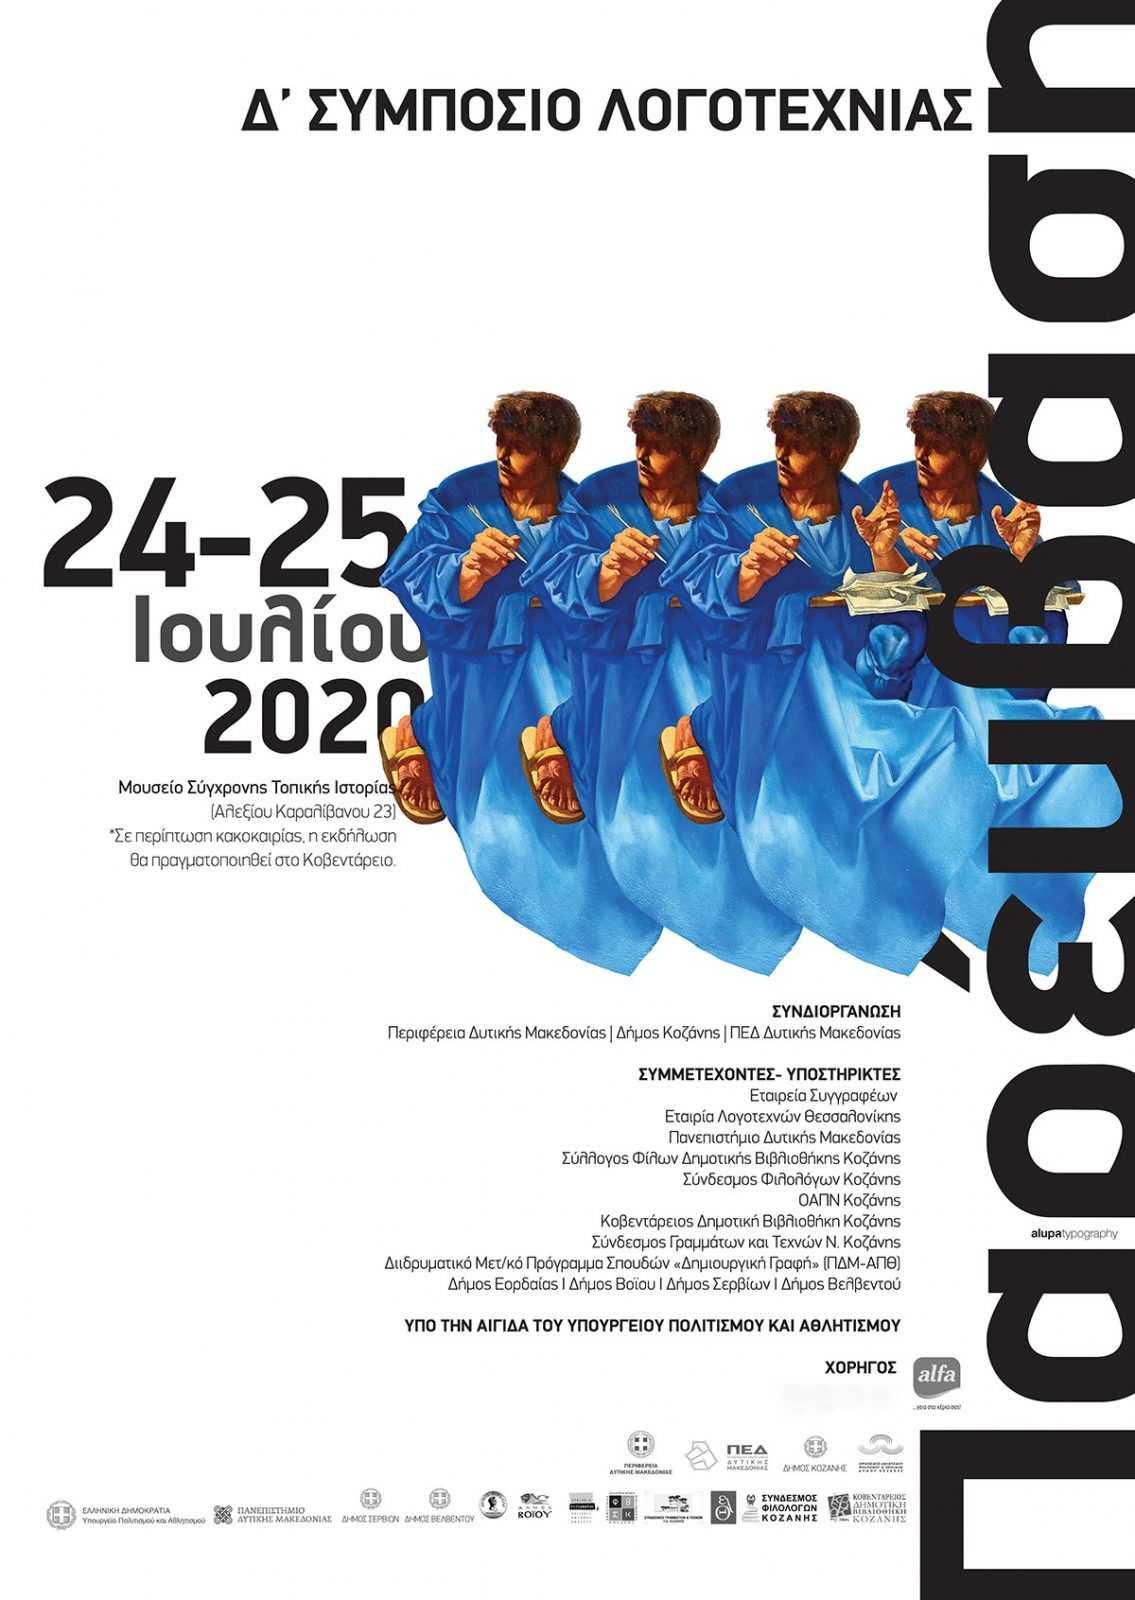 Δ' Συμπόσιο Λογοτεχνίας στην Κοζάνη 24 & 25 Ιουλίου 2020